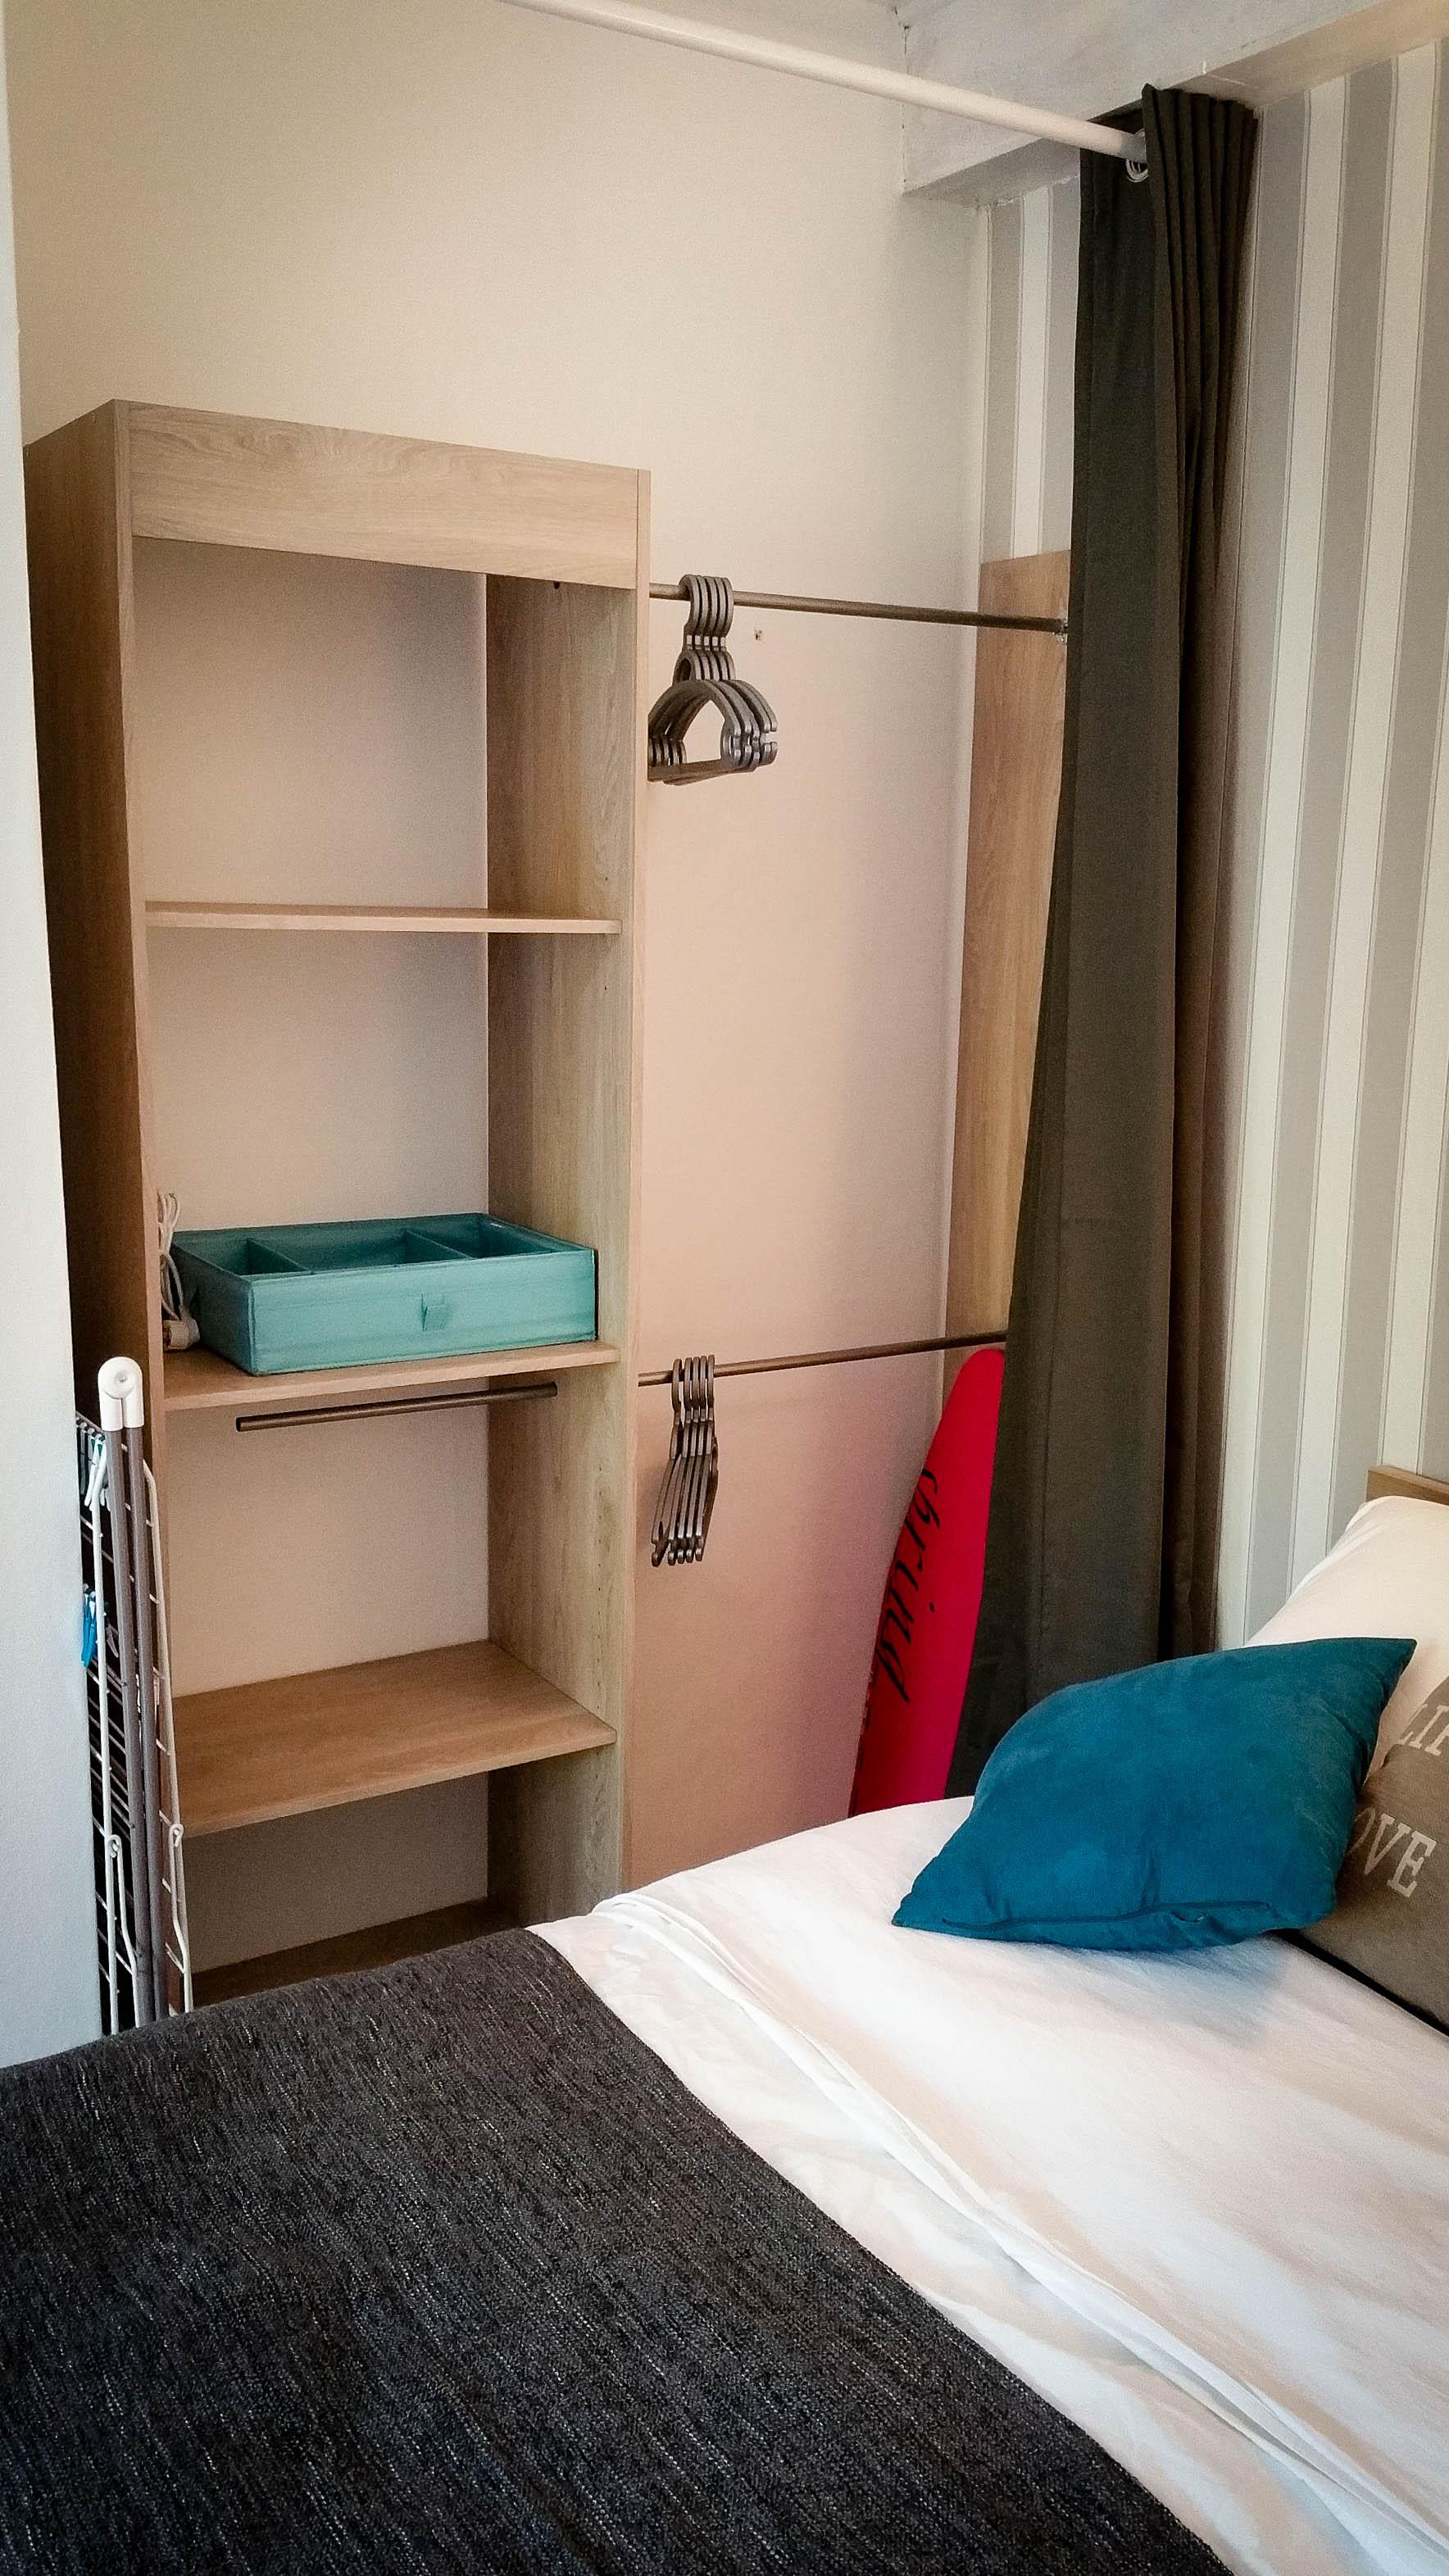 Appartement curiste ou touriste eug nie les bains - Location cure eugenie les bains ...